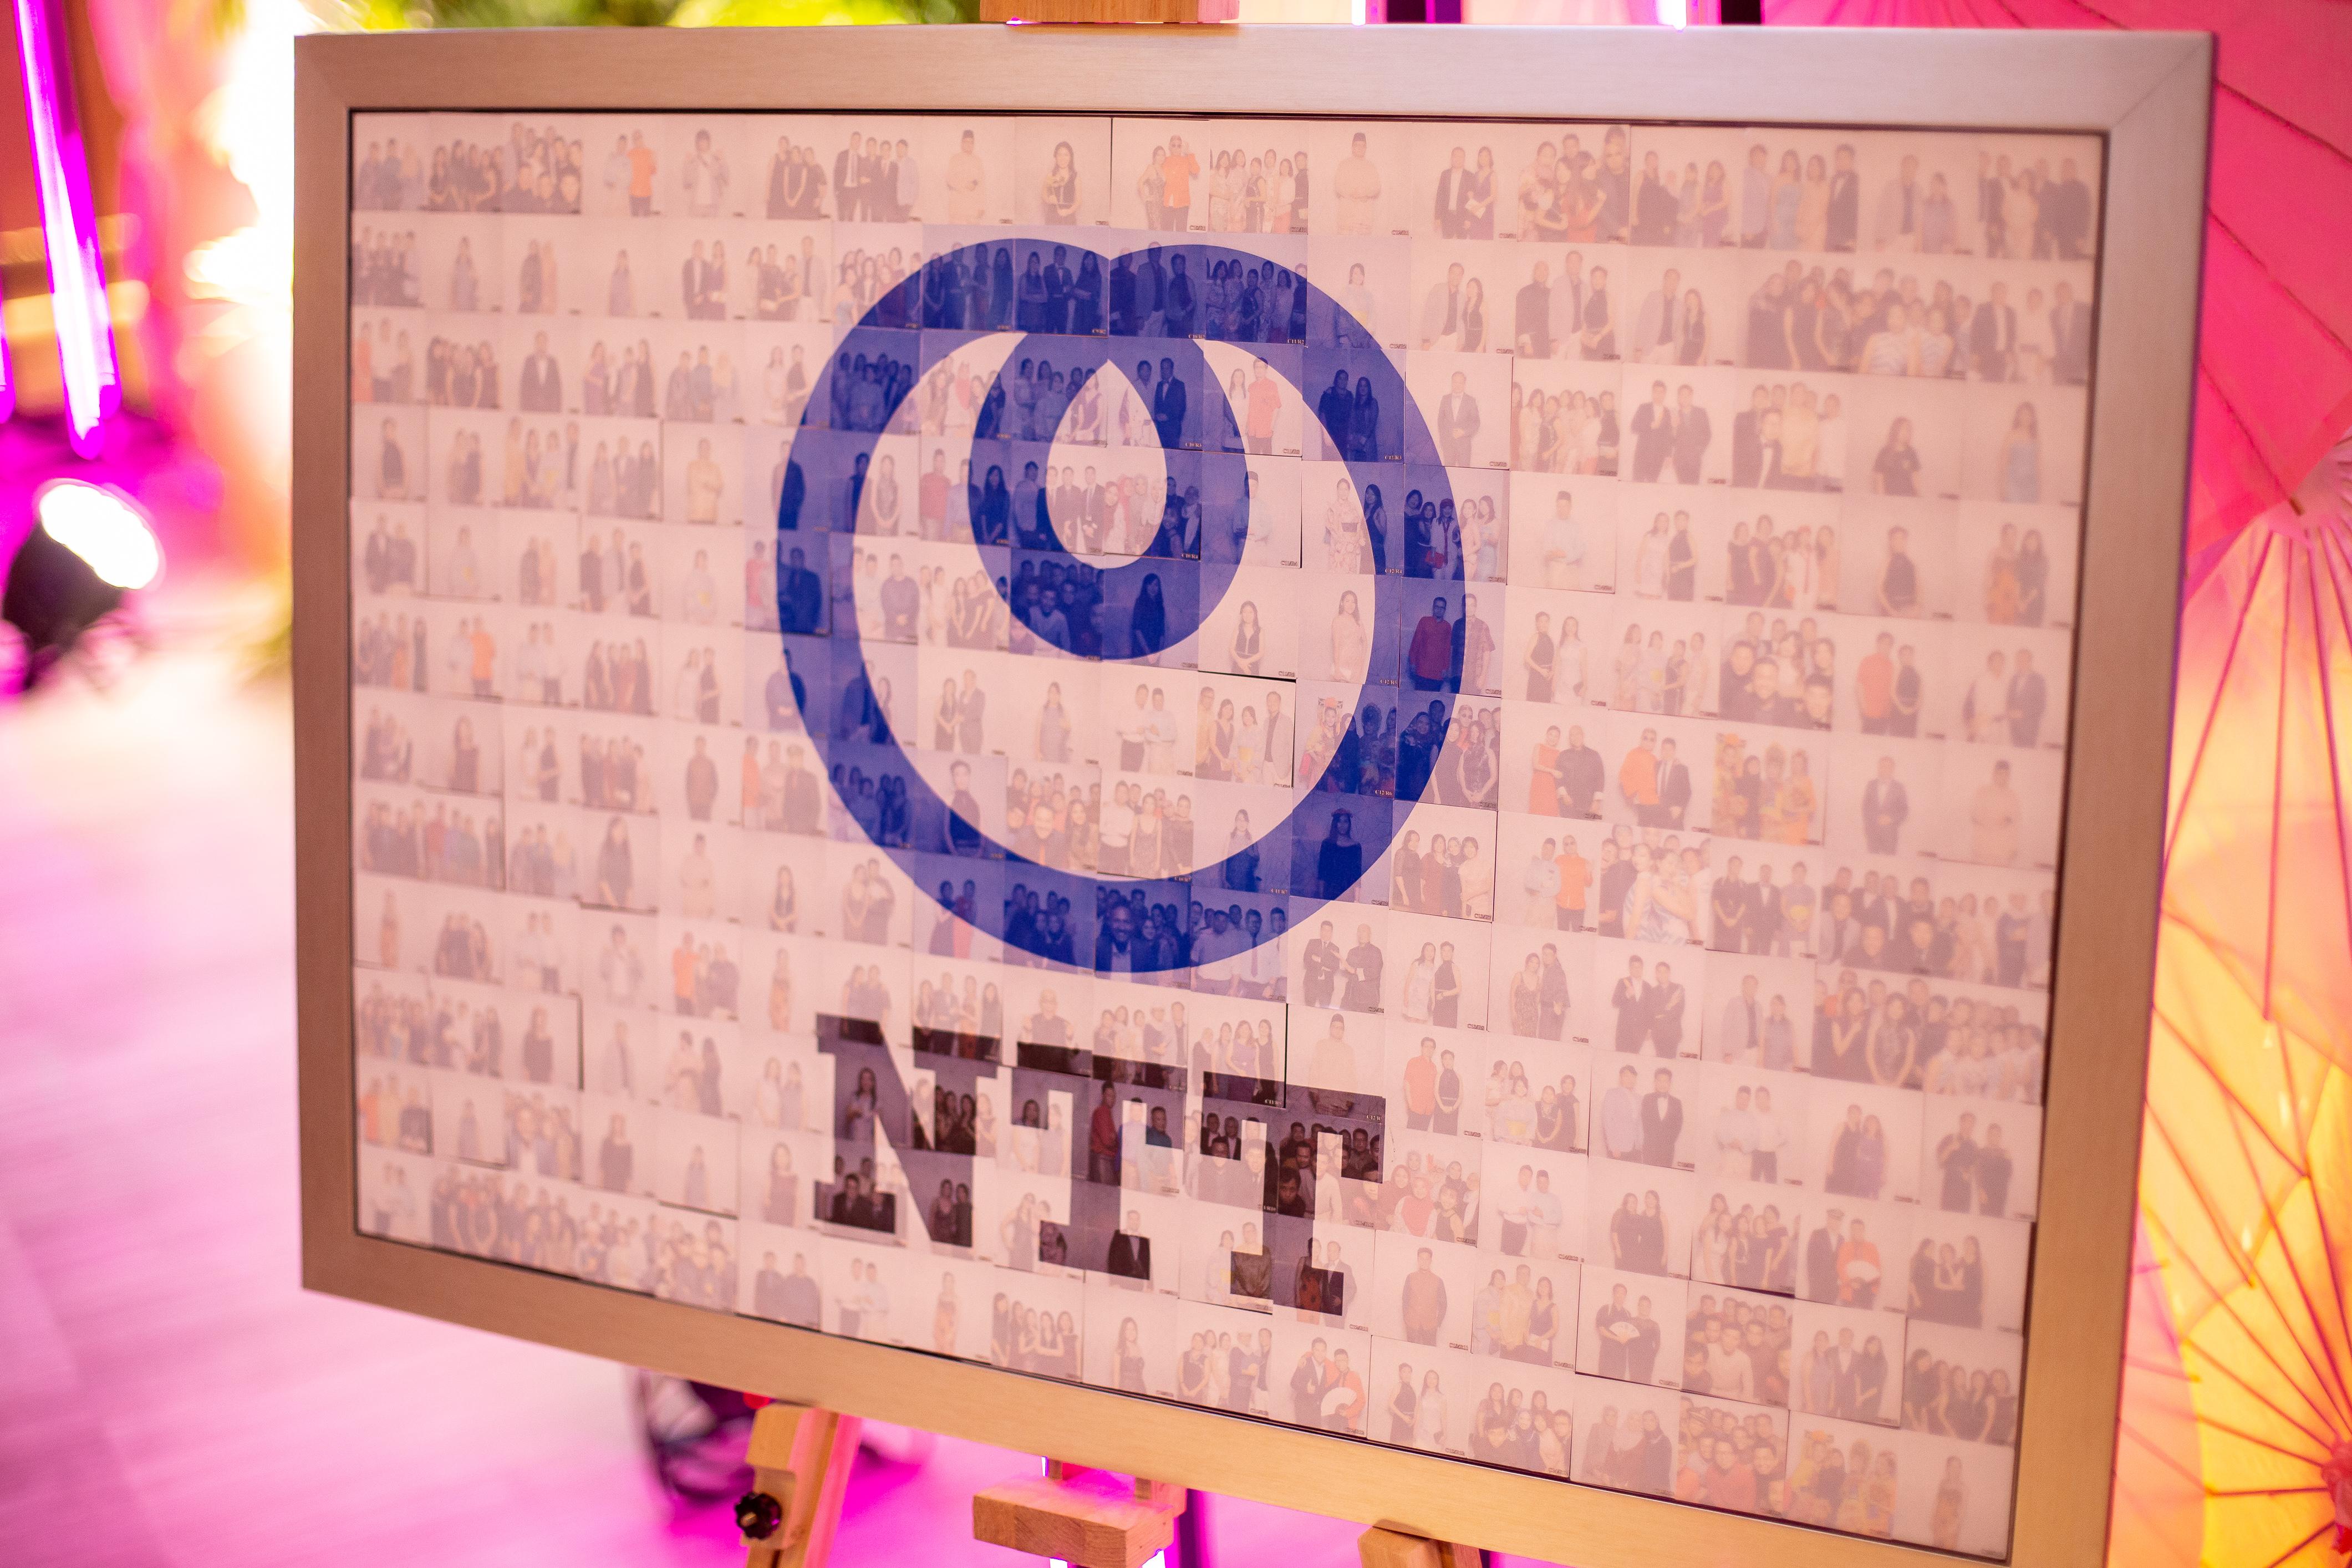 NTT_0819